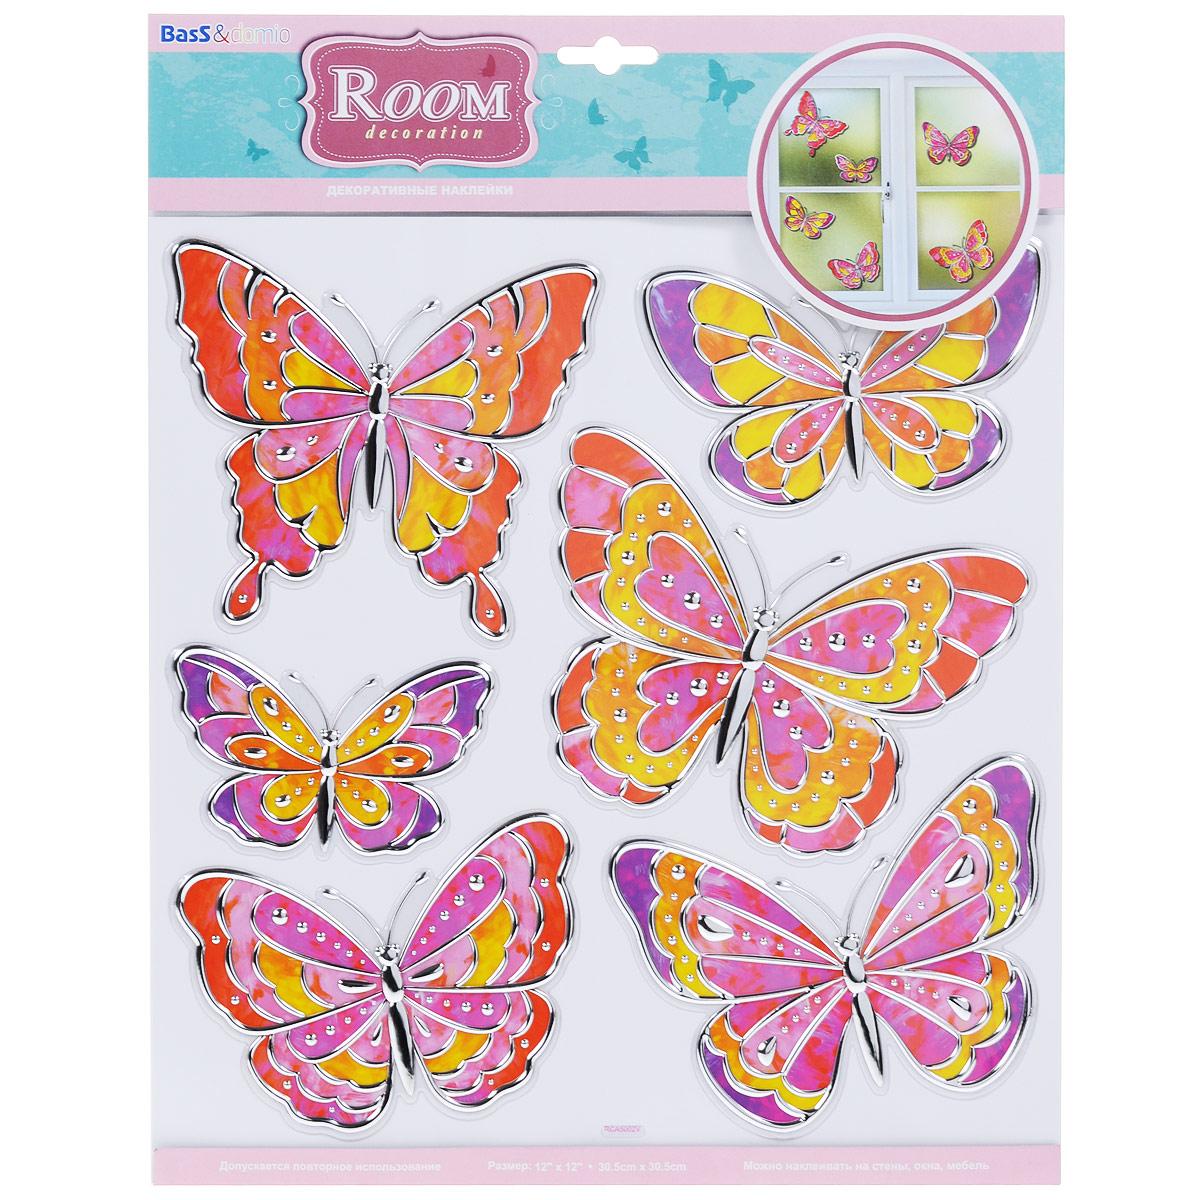 Наклейки для интерьера Room Decoration Витражные бабочки, 30,5 см х 30,5 смRCA5002Наклейки для стен и предметов интерьера Room Decoration Витражные бабочки, изготовленные из экологически безопасной самоклеящейся виниловой пленки - это удивительно простой и быстрый способ оживить интерьер помещения. На одном листе расположены 6 наклеек в виде цветов и разноцветных бабочек с серебристыми вставками. Интерьерные наклейки дадут вам вдохновение, которое изменит вашу жизнь и поможет погрузиться в мир ярких красок, фантазий и творчества. Для вас открываются безграничные возможности придумать оригинальный дизайн и придать новый вид стенам и мебели. Наклейки абсолютно безопасны для здоровья. Они быстро и легко наклеиваются на любые ровные поверхности: стены, окна, двери, кафельную плитку, виниловые и флизелиновые обои, стекла, мебель. При необходимости удобно снимаются, не оставляют следов и не повреждают поверхность (кроме бумажных обоев). Наклейки Room Decoration Витражные бабочки помогут вам изменить интерьер вокруг себя: в детской ...